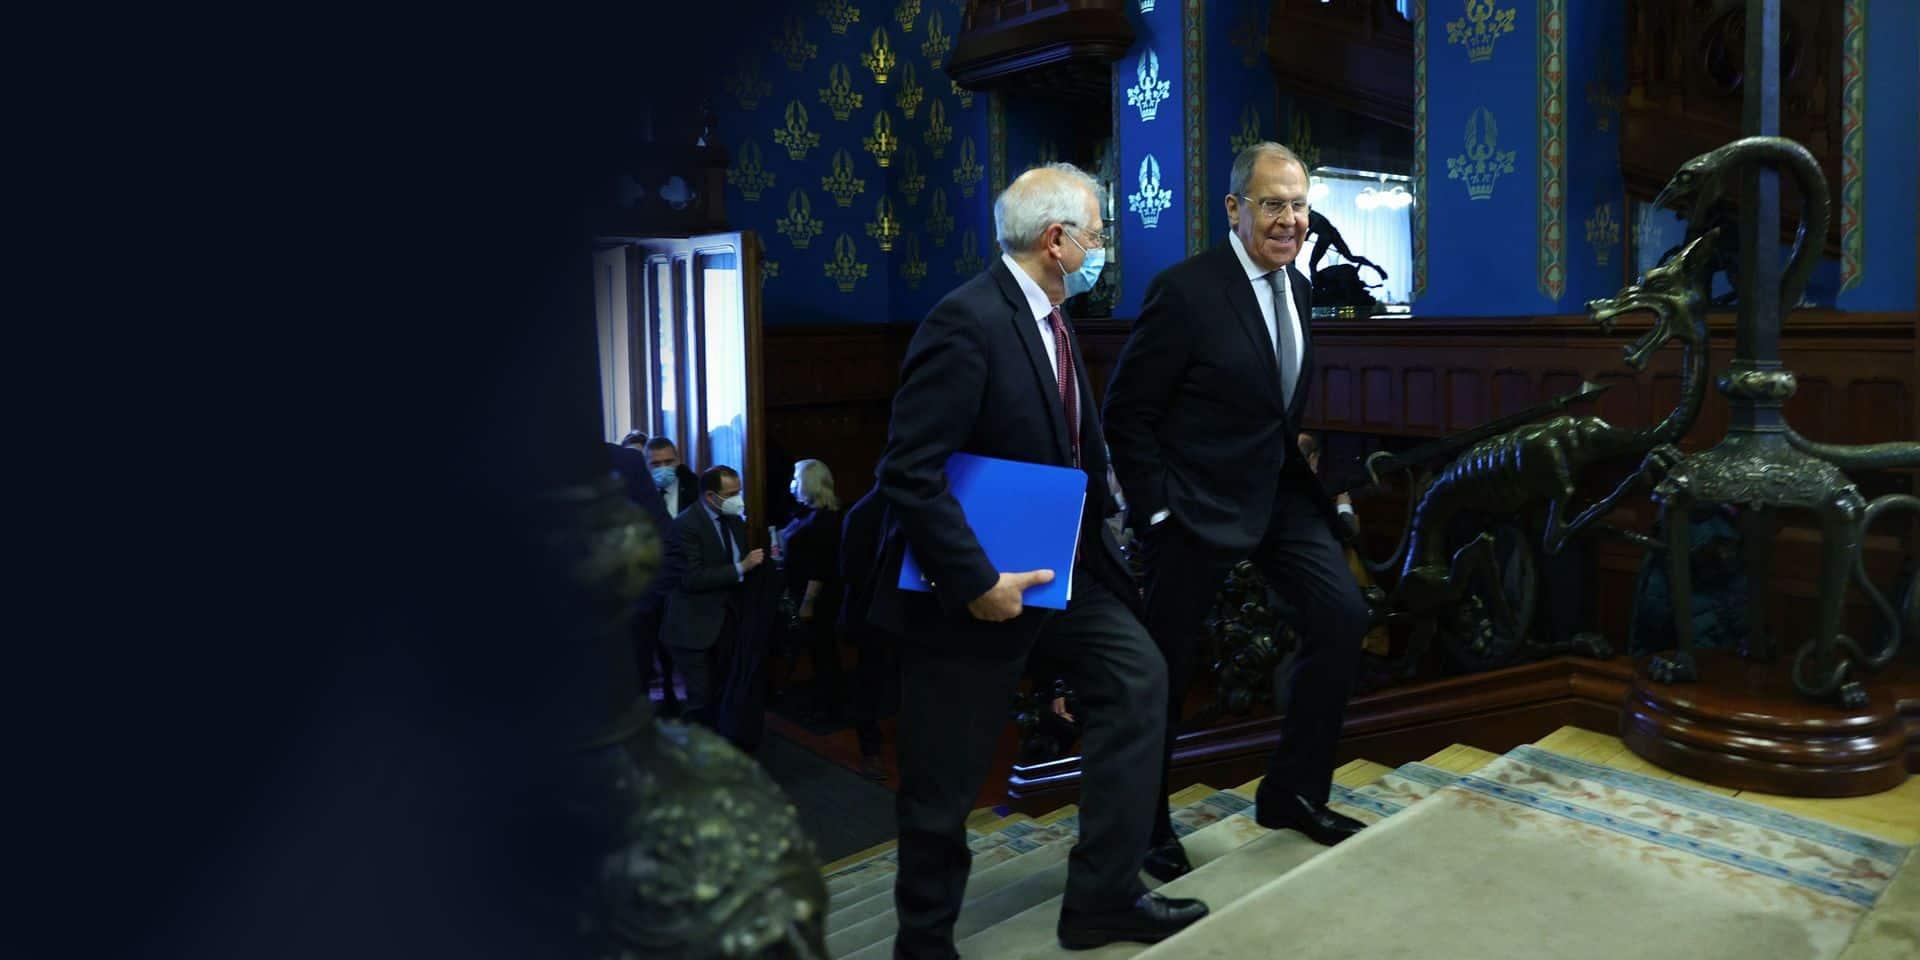 Le Haut représentant pour la politique étrangère européenne, Josep Borrell, a rencontré le chef de la diplomatie russe, Sergueï Lavrov, le 5 février à Moscou.